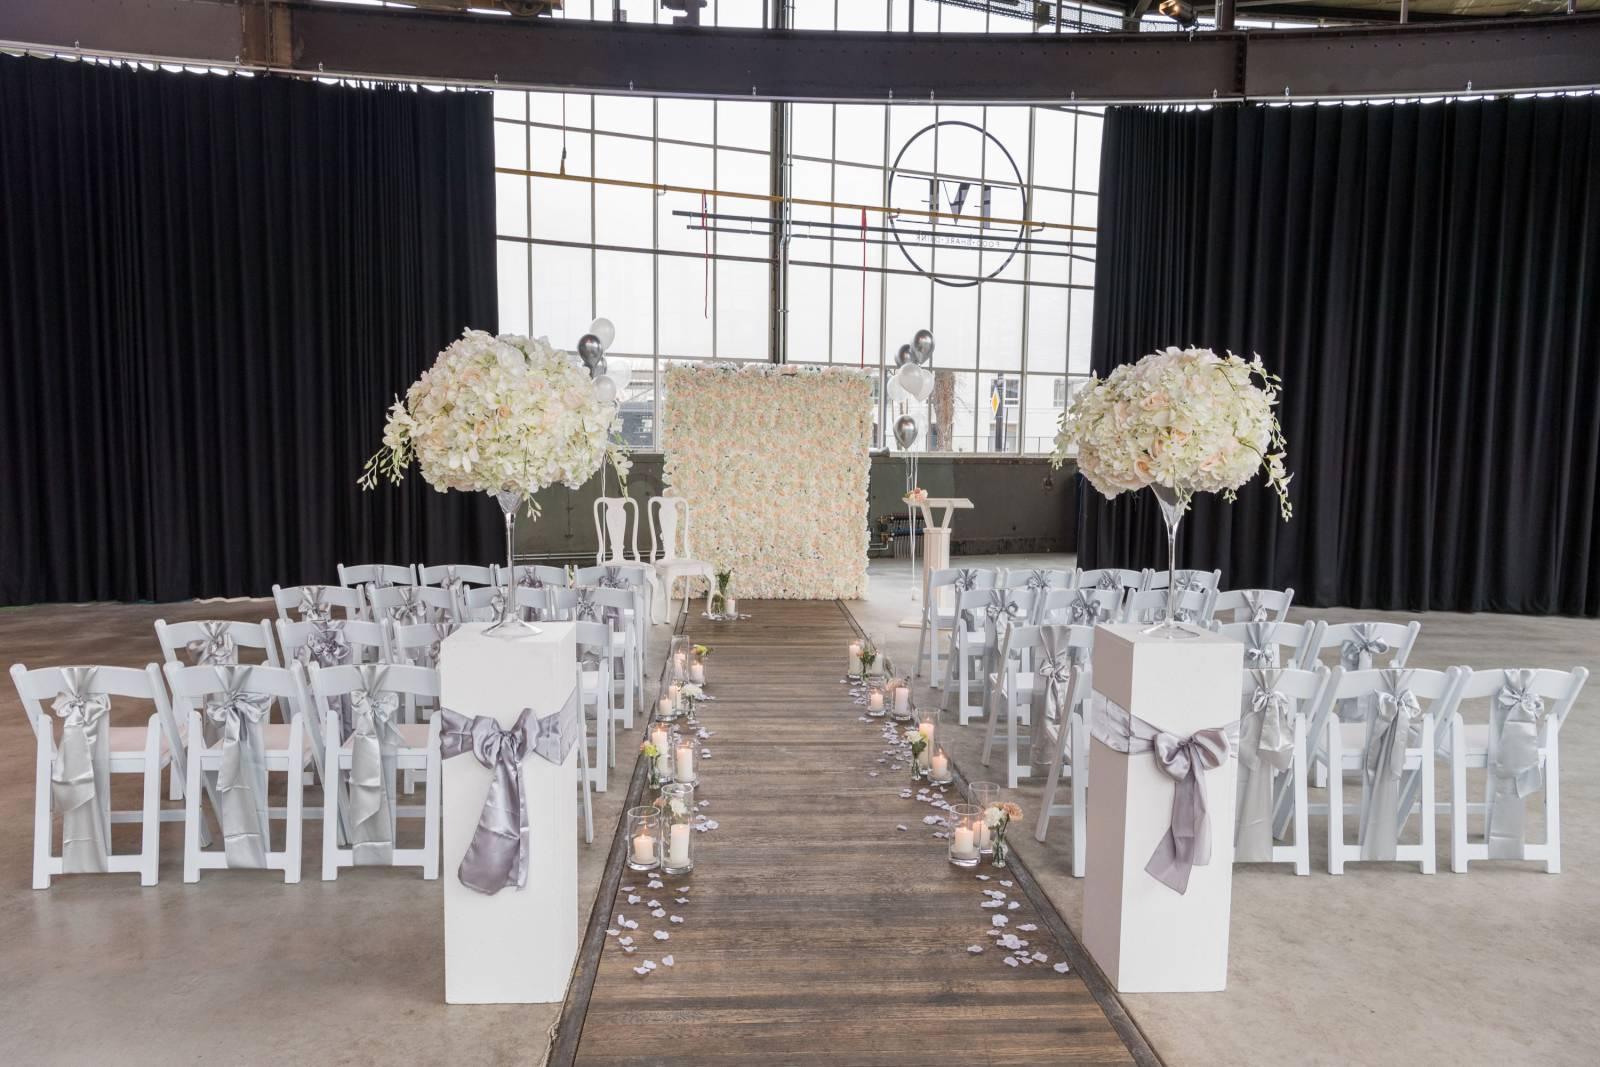 In Style Styling & Decoraties - Trouwdecoratie - Verhuurbedrijf - Wedding Design - House of Weddings - 11